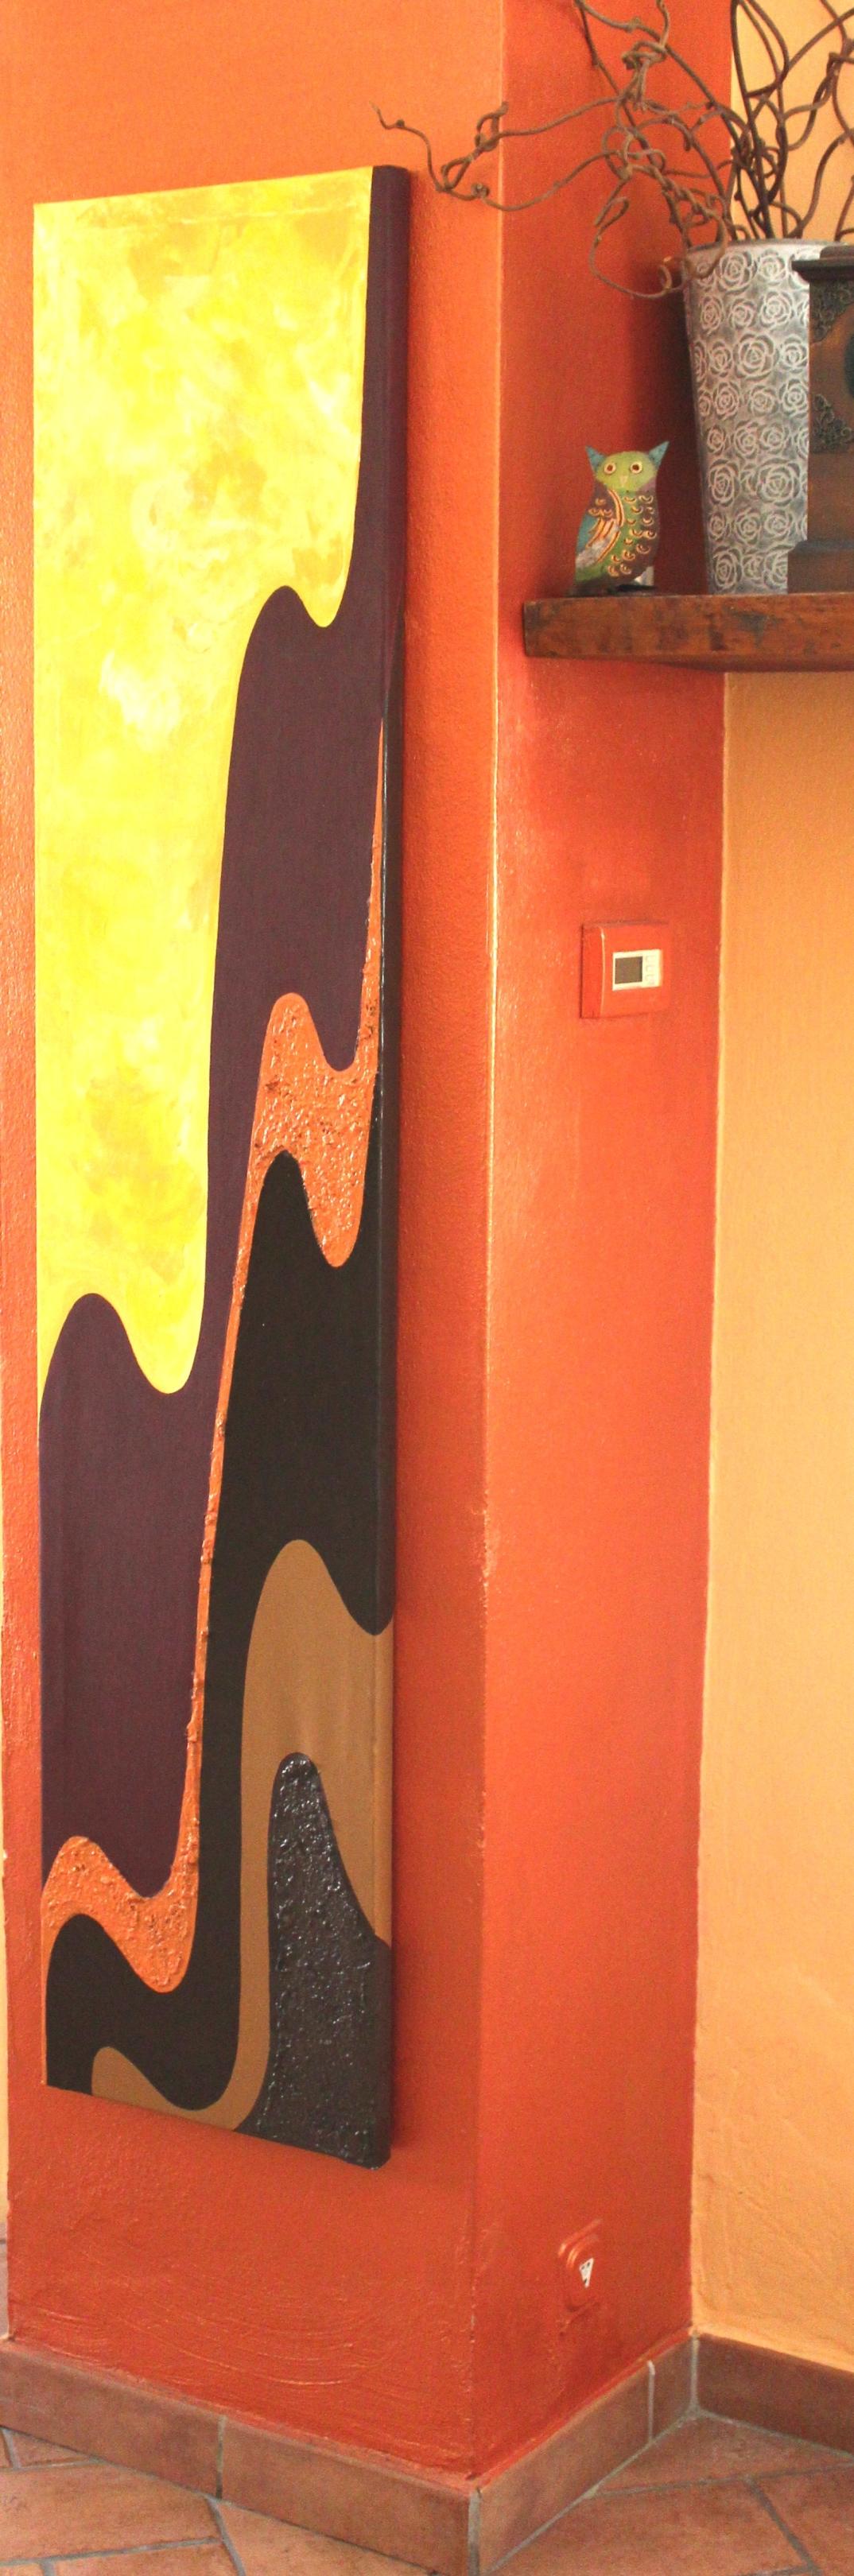 IMG_1861 panelli di arte astratta arredamento design casa